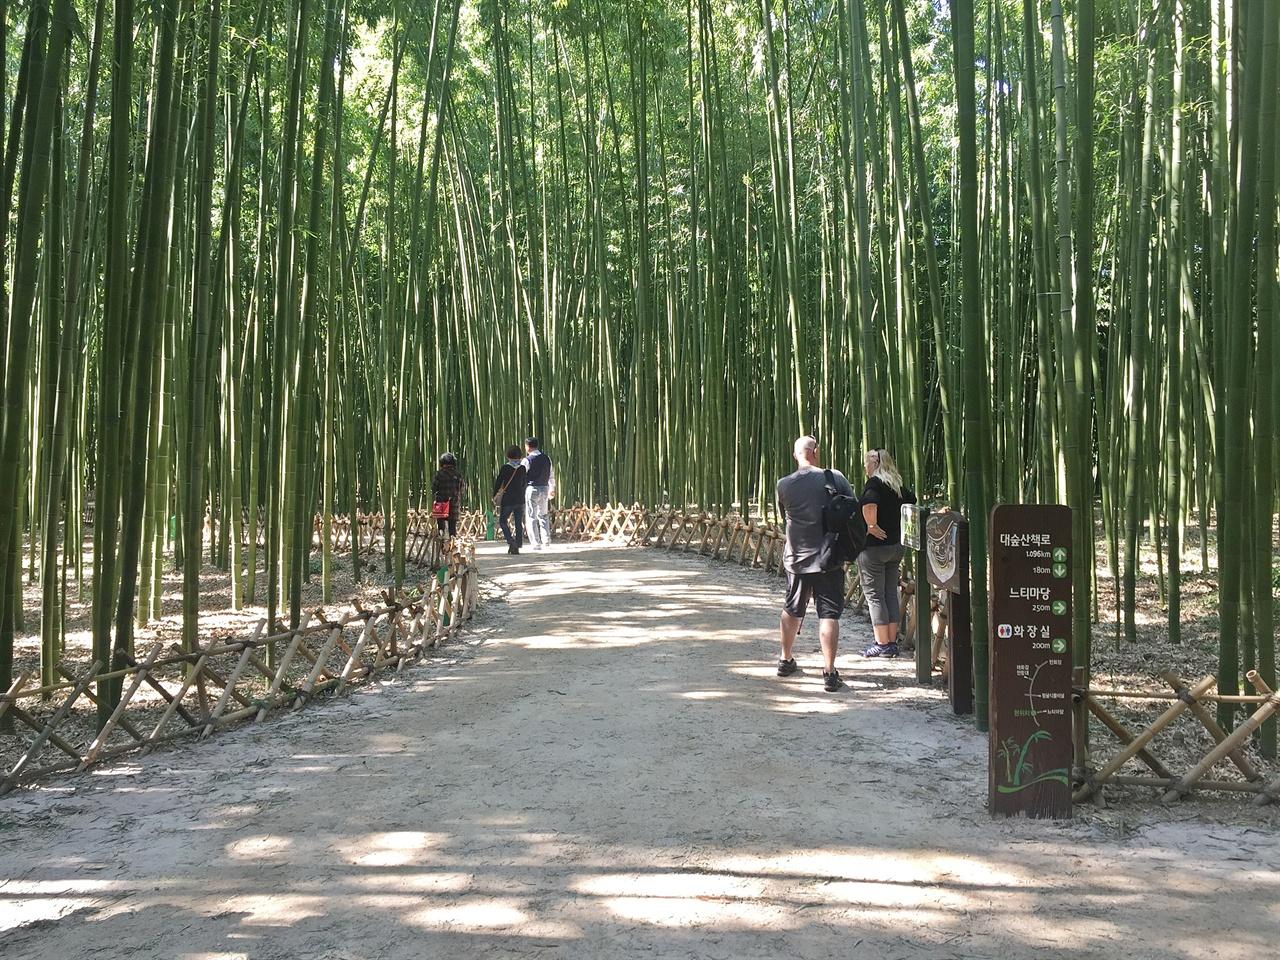 울산 태화강 국가정원 십리대숲에서 산책하는 외국인 관광객 모습